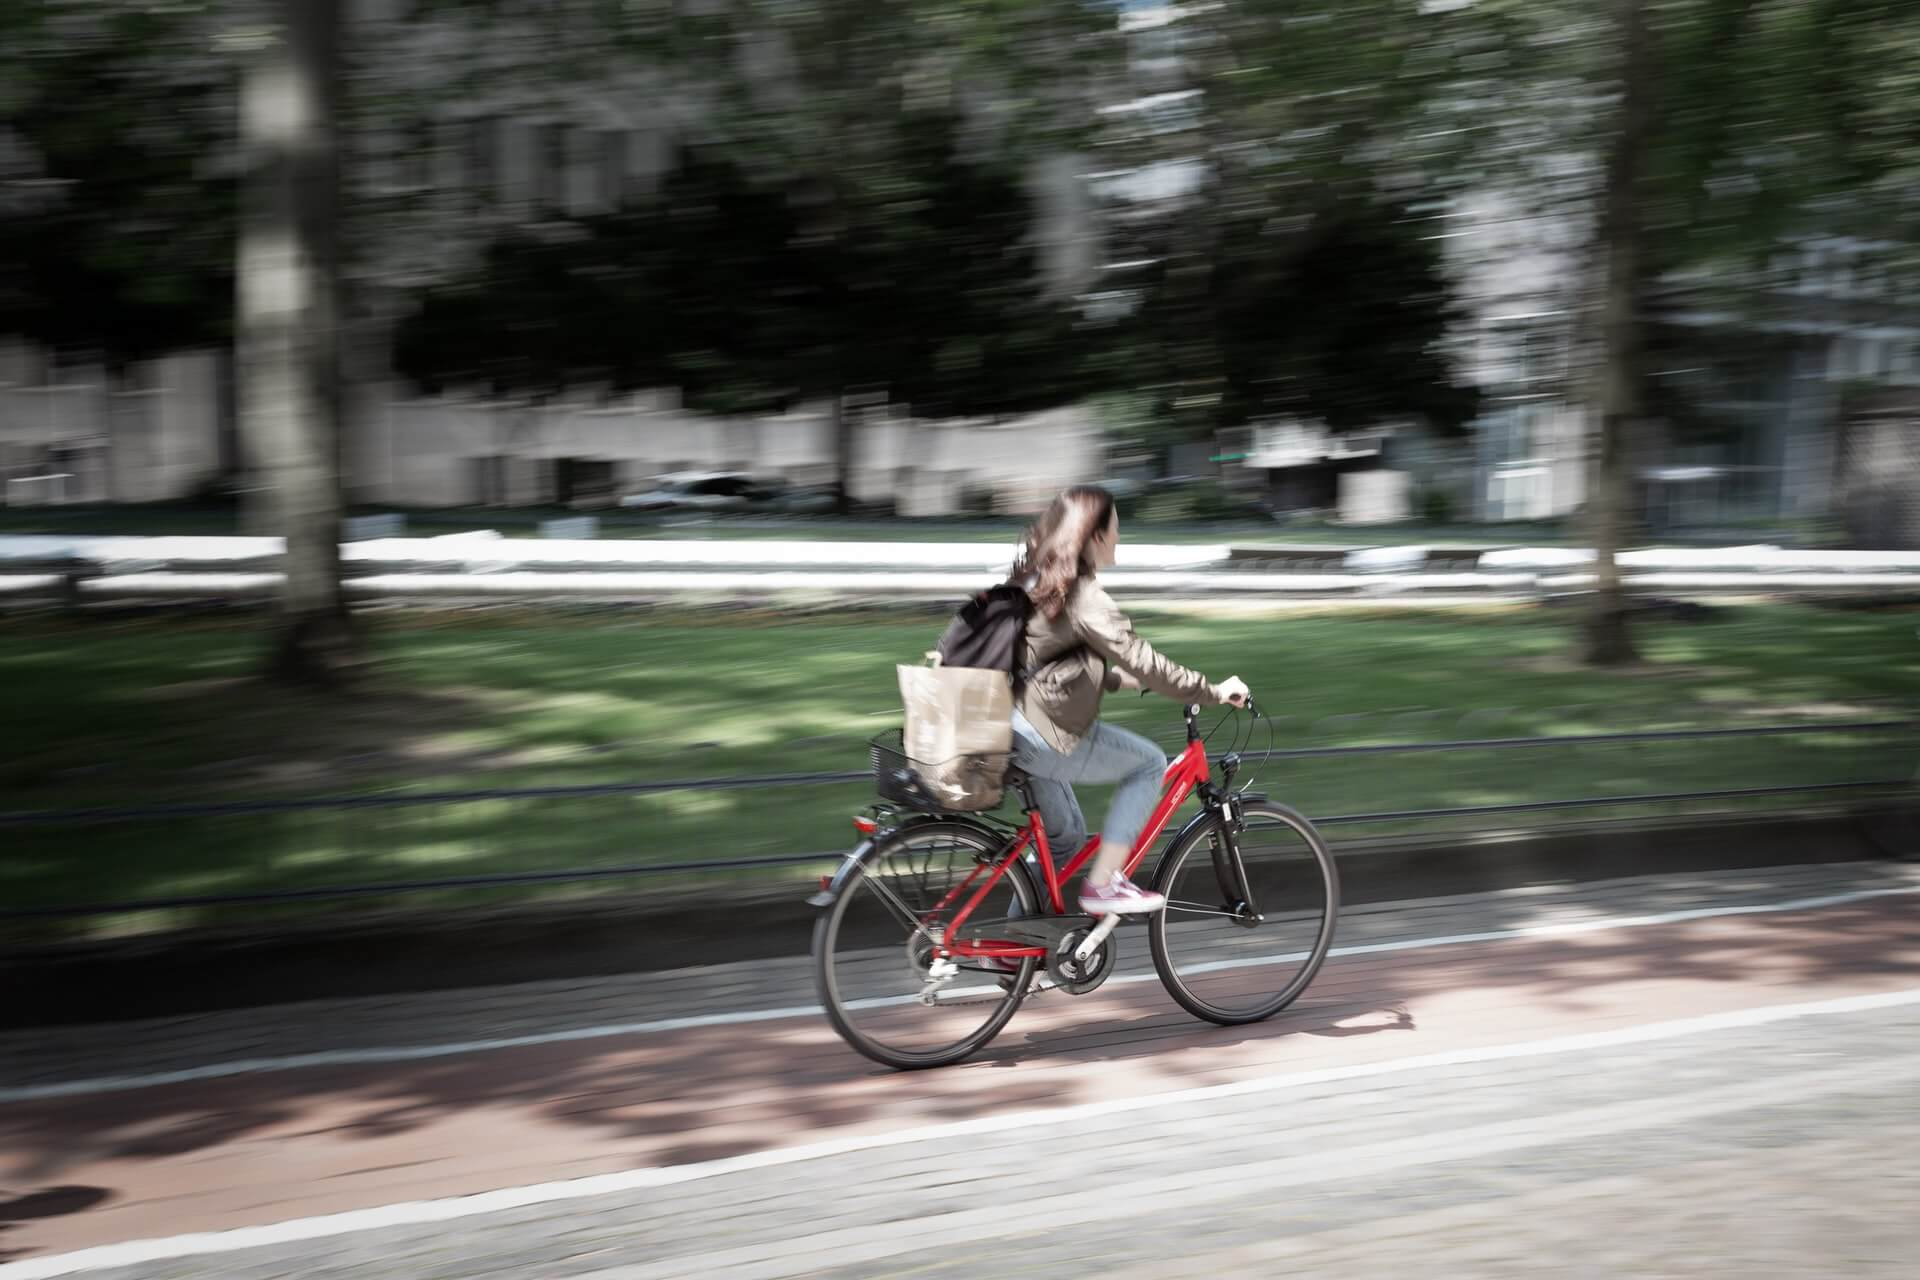 Staza kod FER-a izazvala zgražanje: Ovo može postaviti samo netko tko u životu nije vozio bicikl